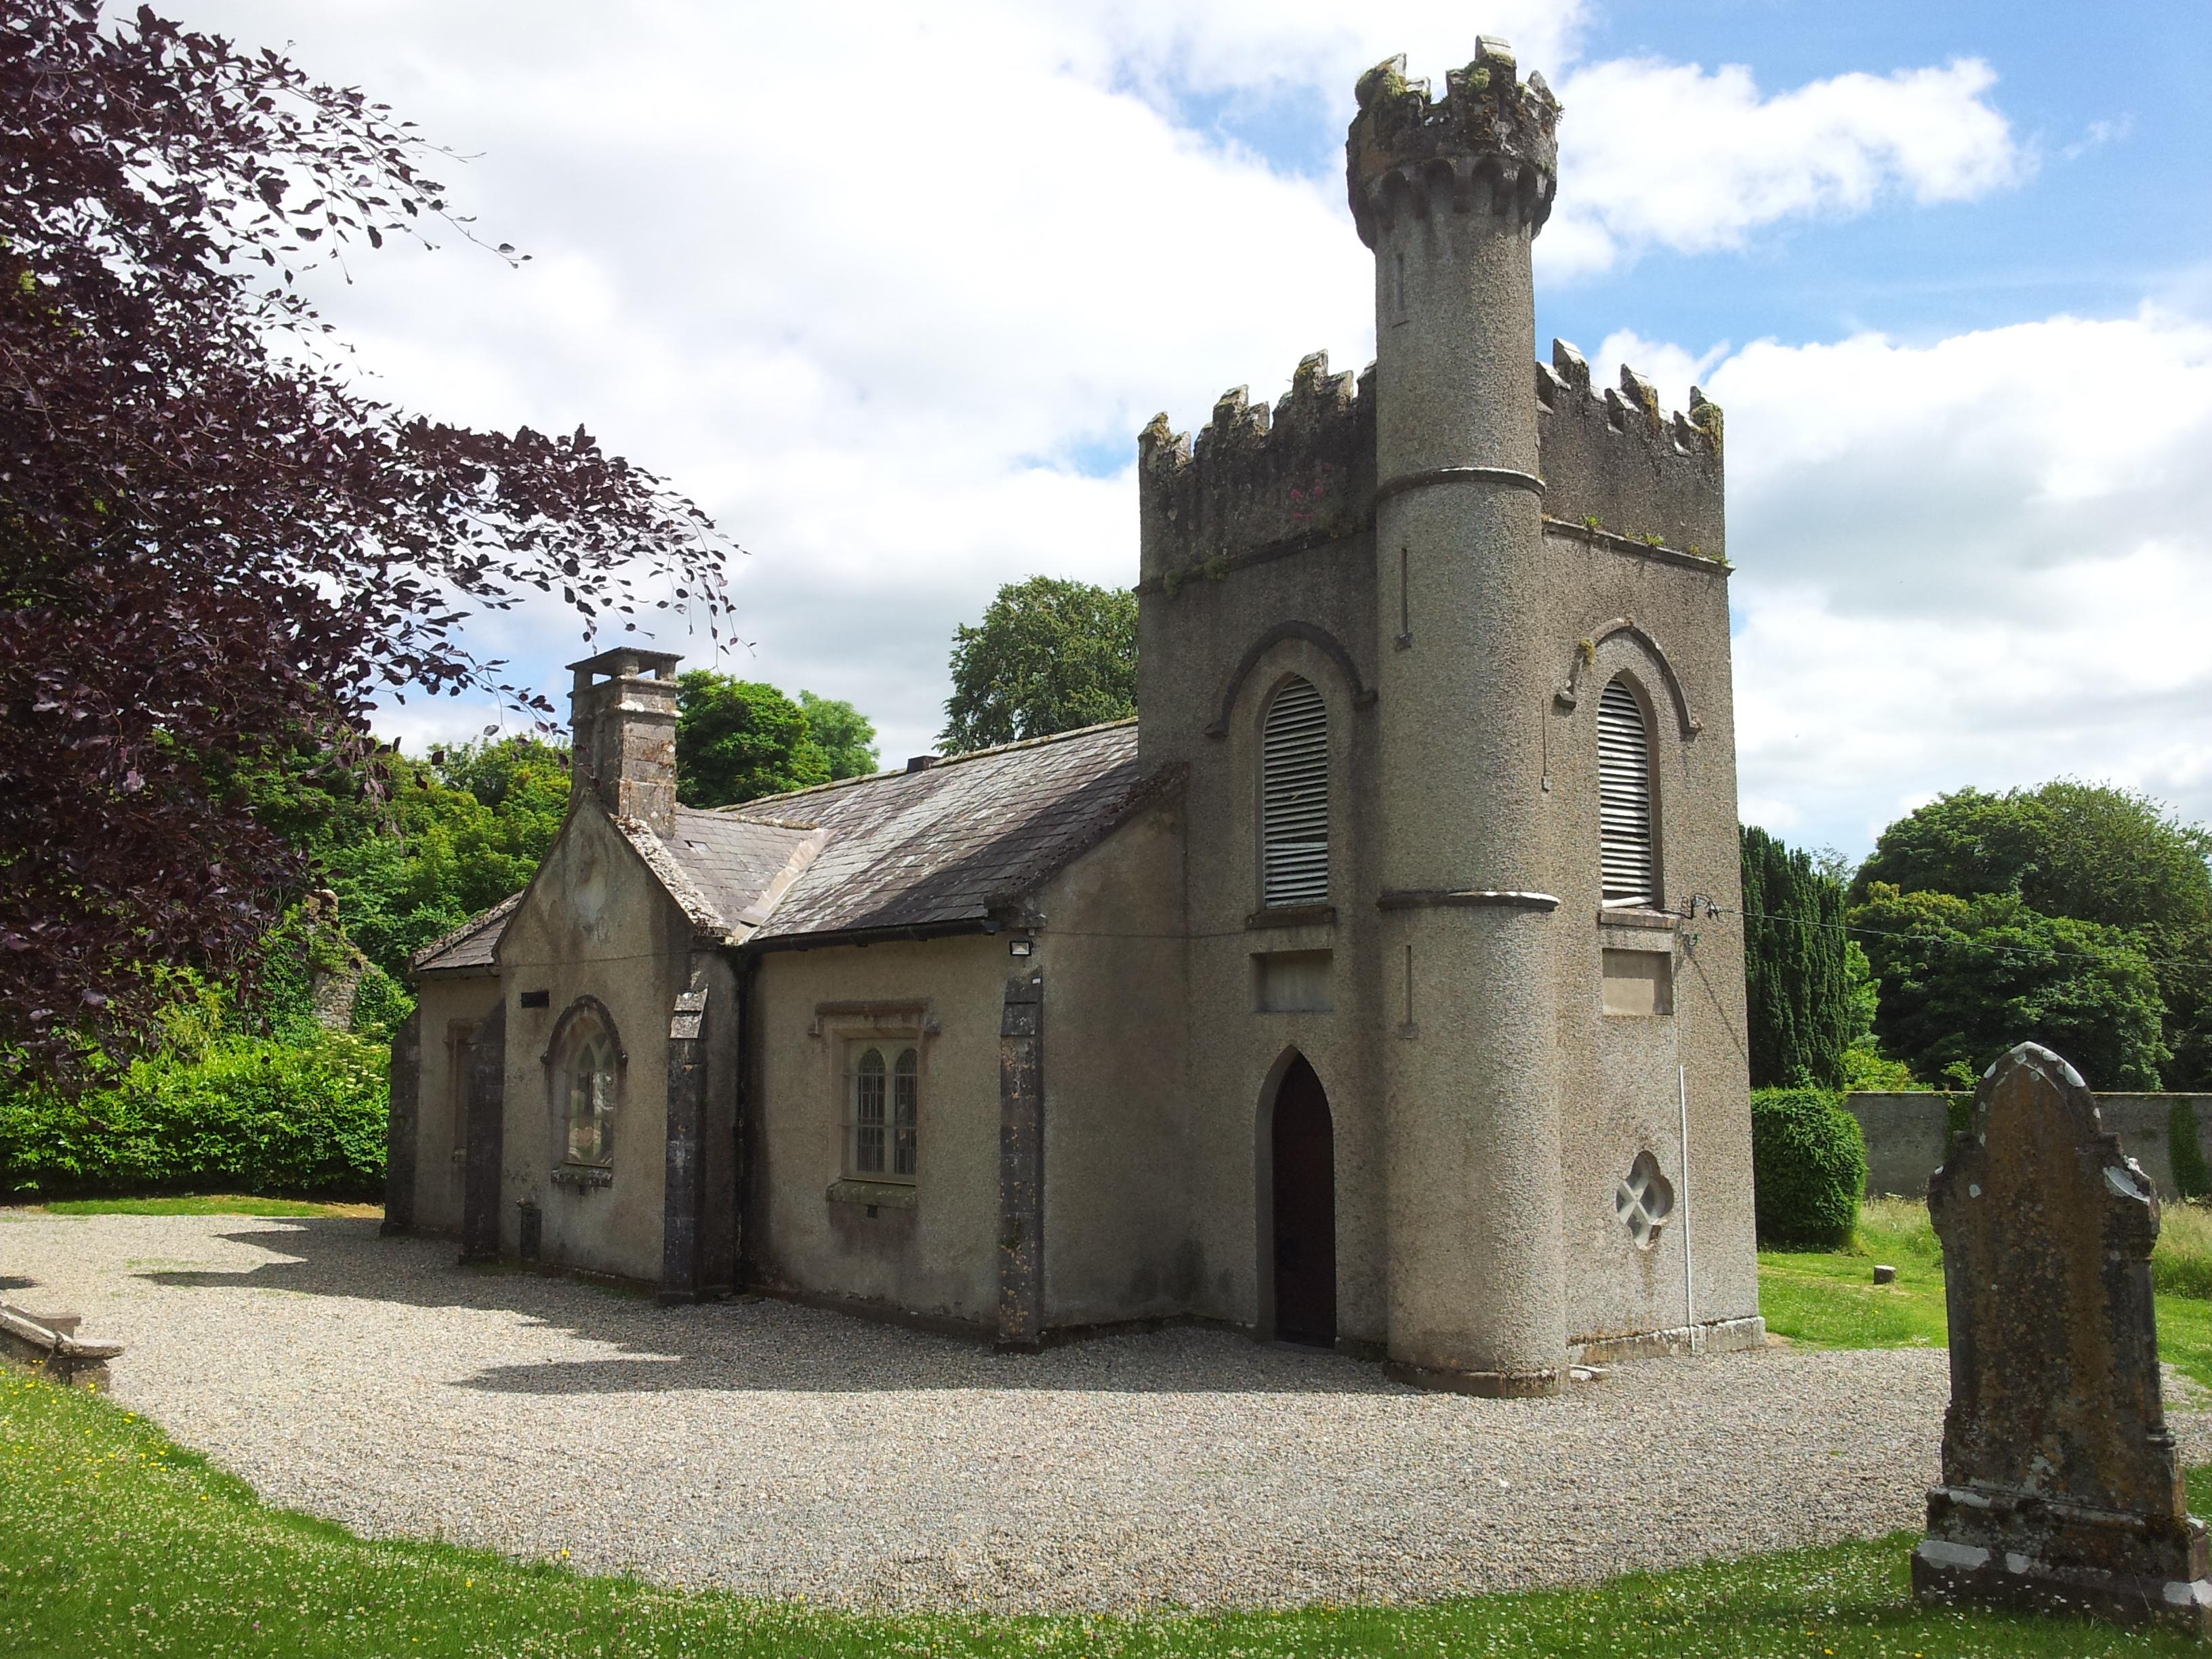 Kildare Castle